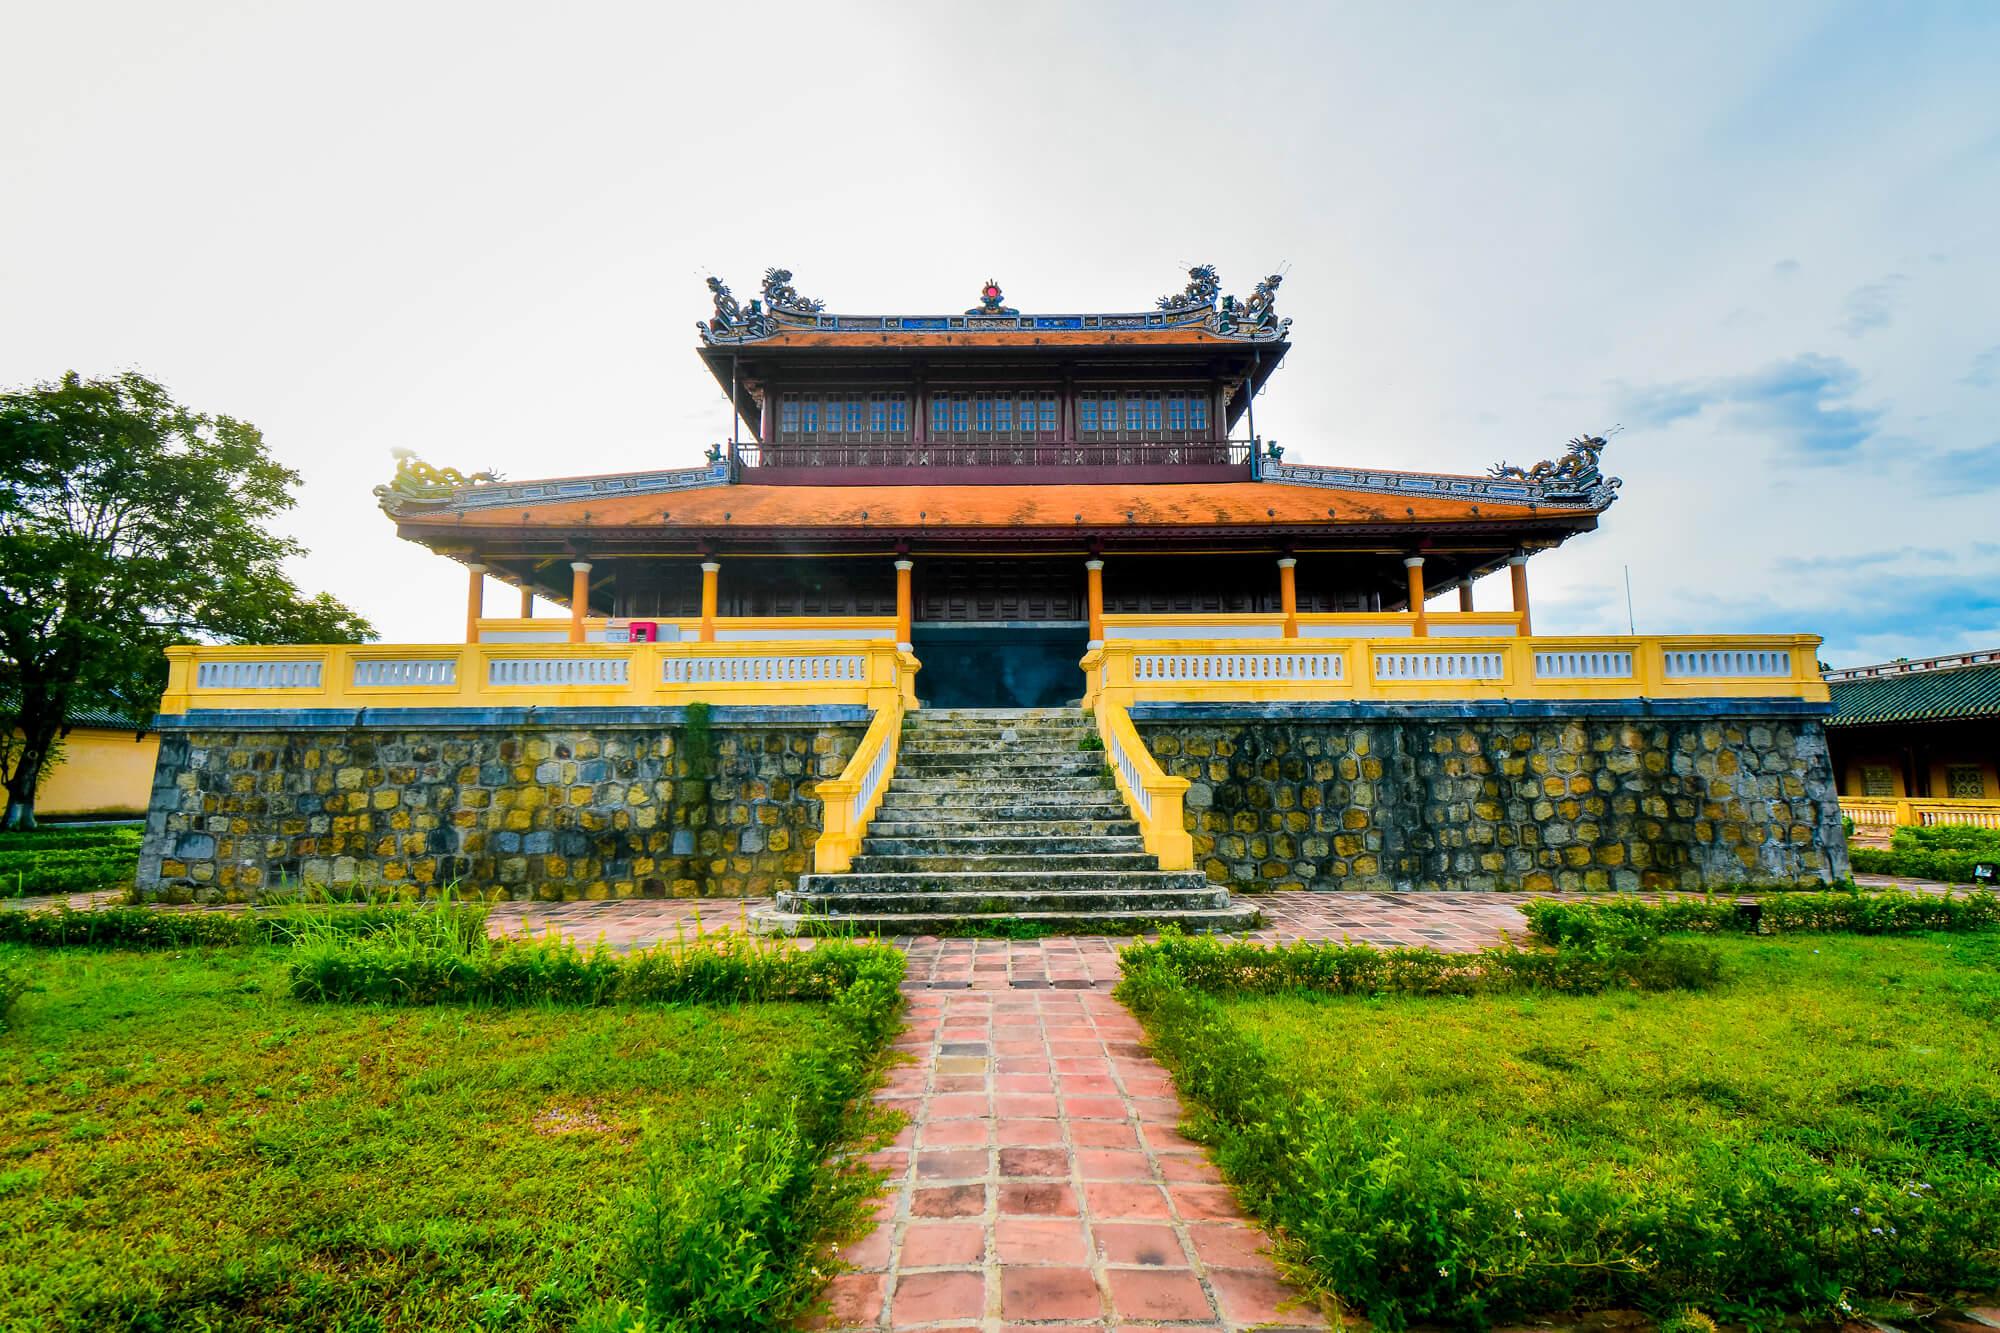 Hue Citadel - Hoang Thanh